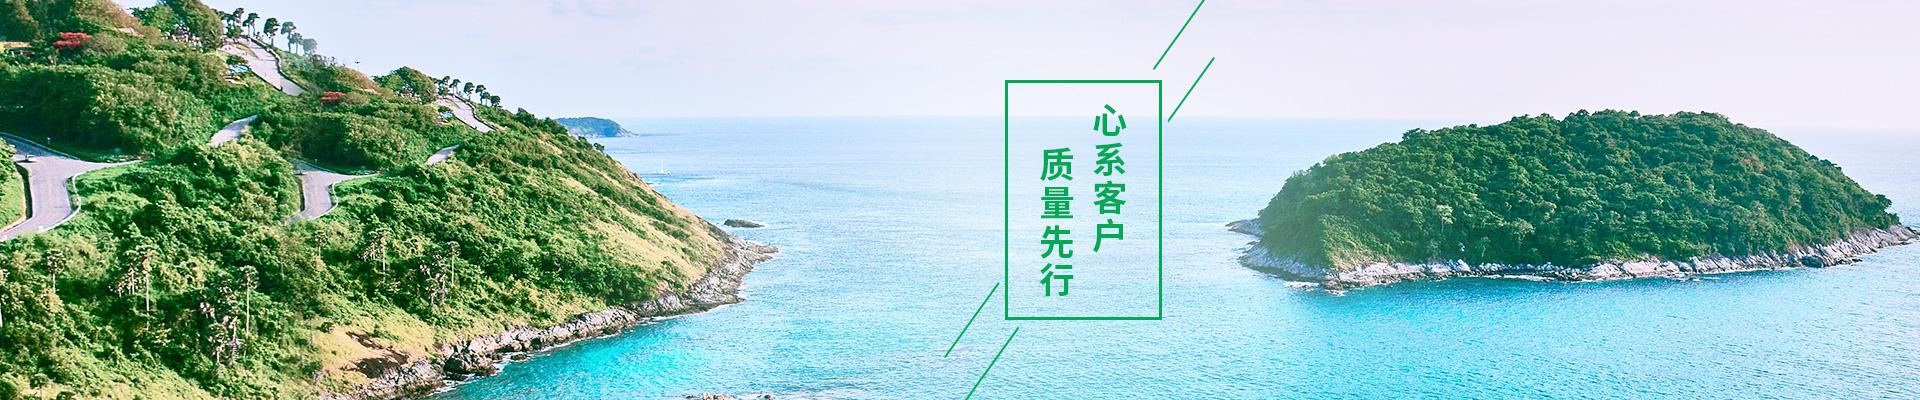 蘇州波洛康醫藥科技有限公司公司介紹